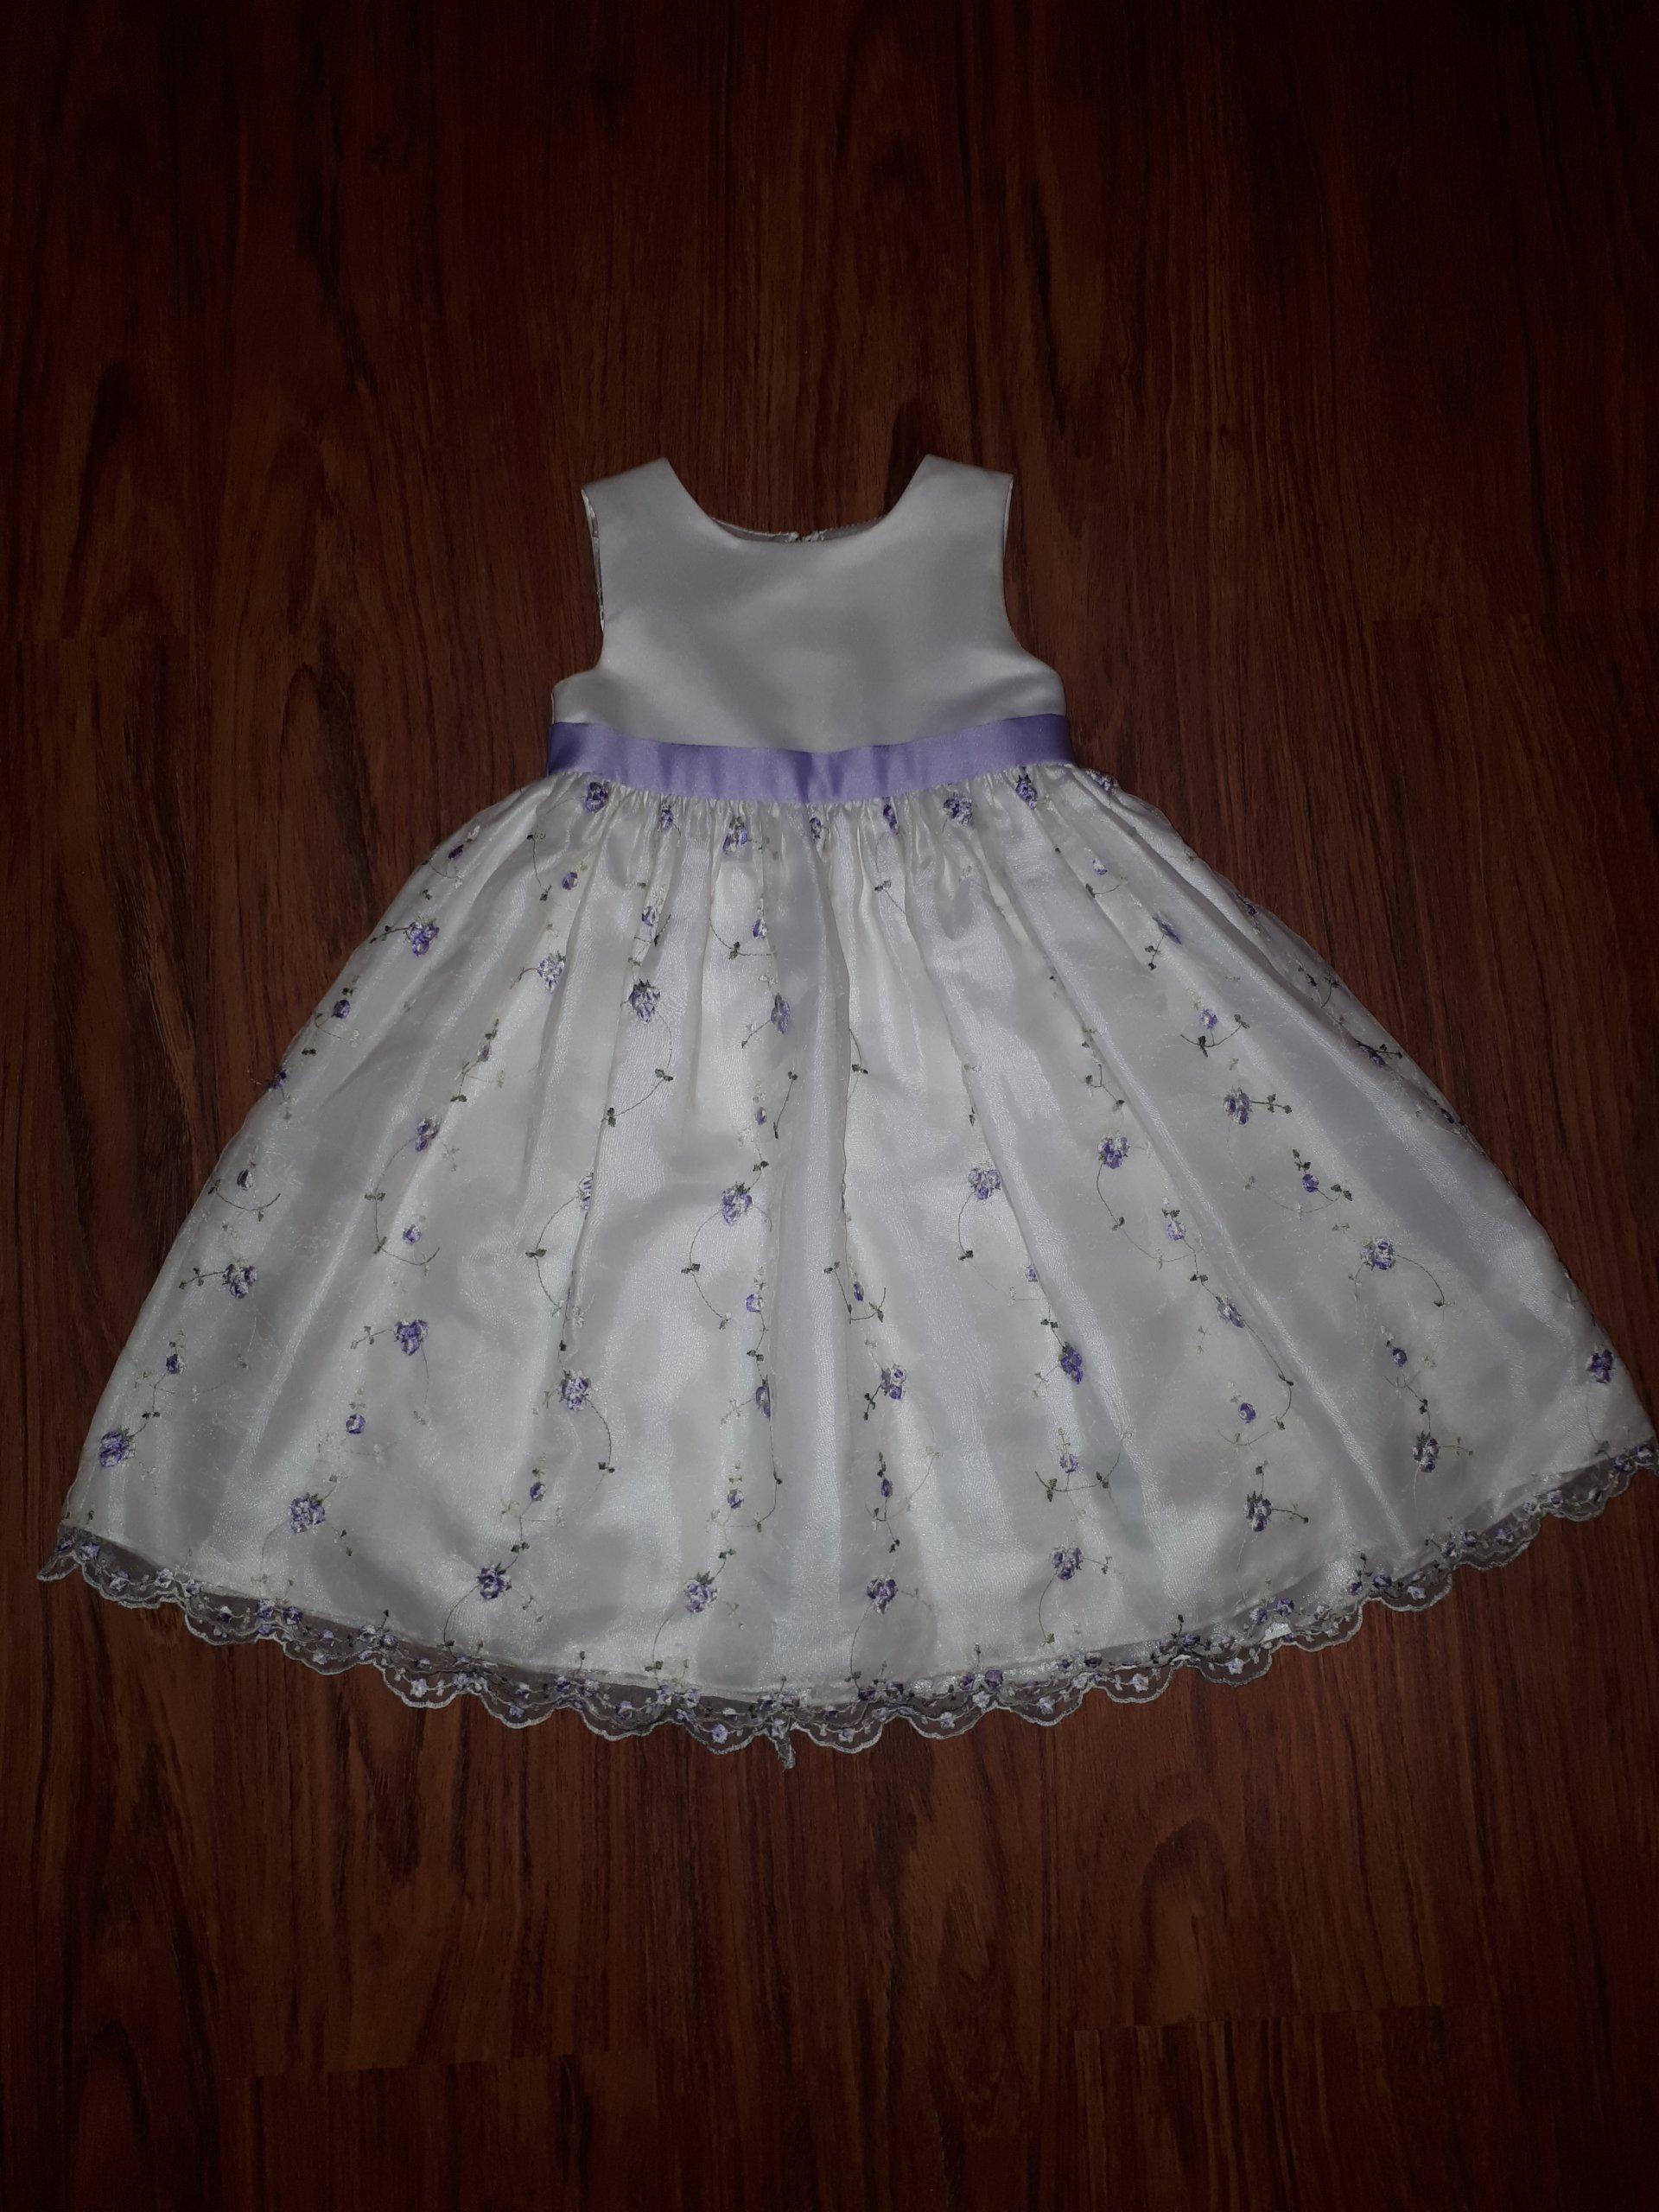 b34c7e4d2c Cinderella Sukienka wizytowa - 2 lata - 7086987250 - oficjalne ...